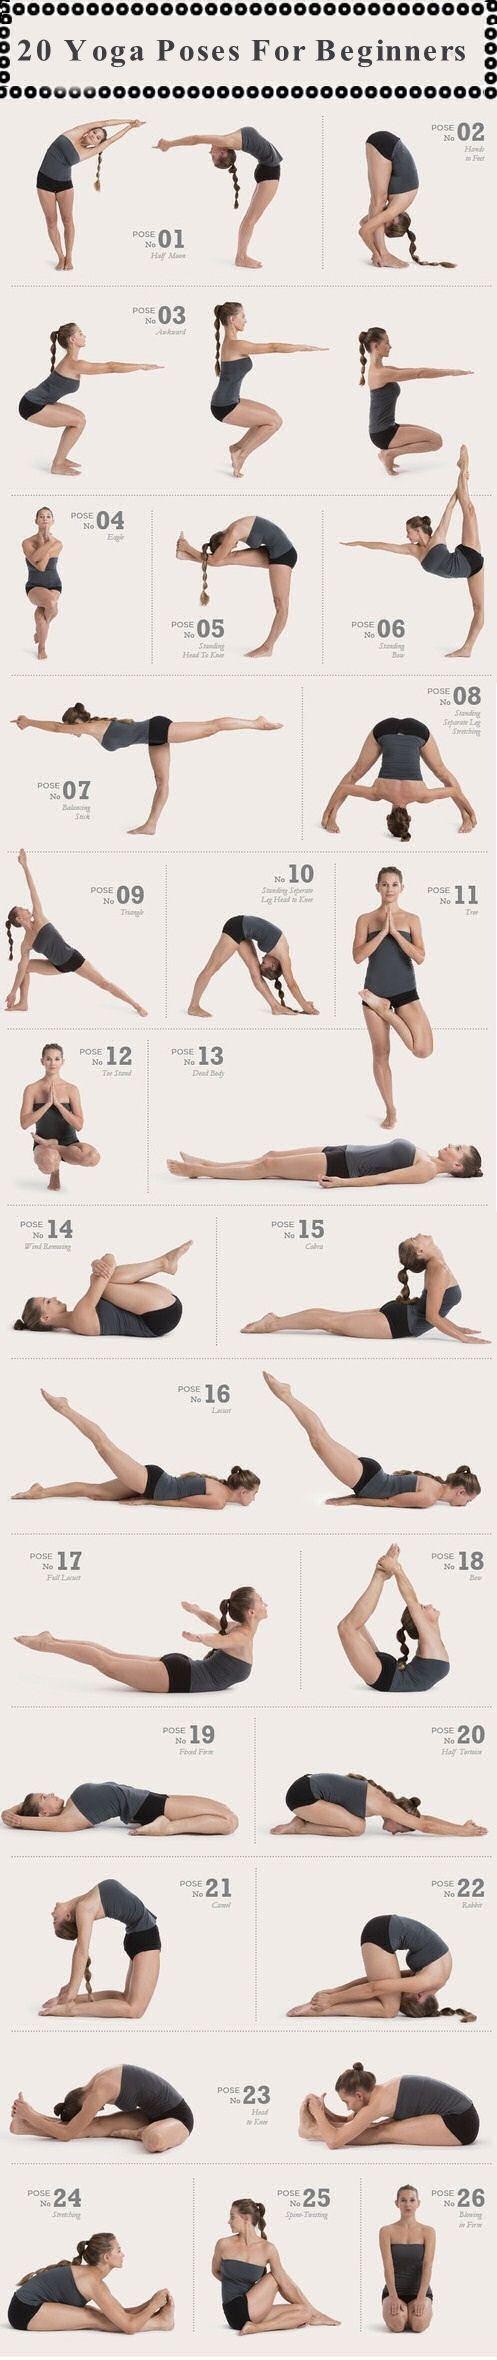 Yoga Stellungen & Übungen Ideen für Yoga Übungen, Anleitung und Stellungen zur Inspiration mit HarmonyMinds #custommugs